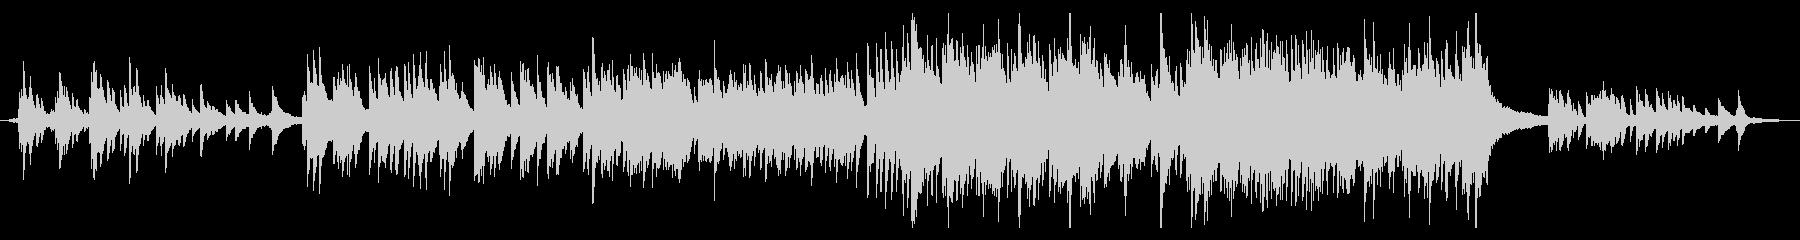 現代の交響曲 企業イメージ ポジテ...の未再生の波形